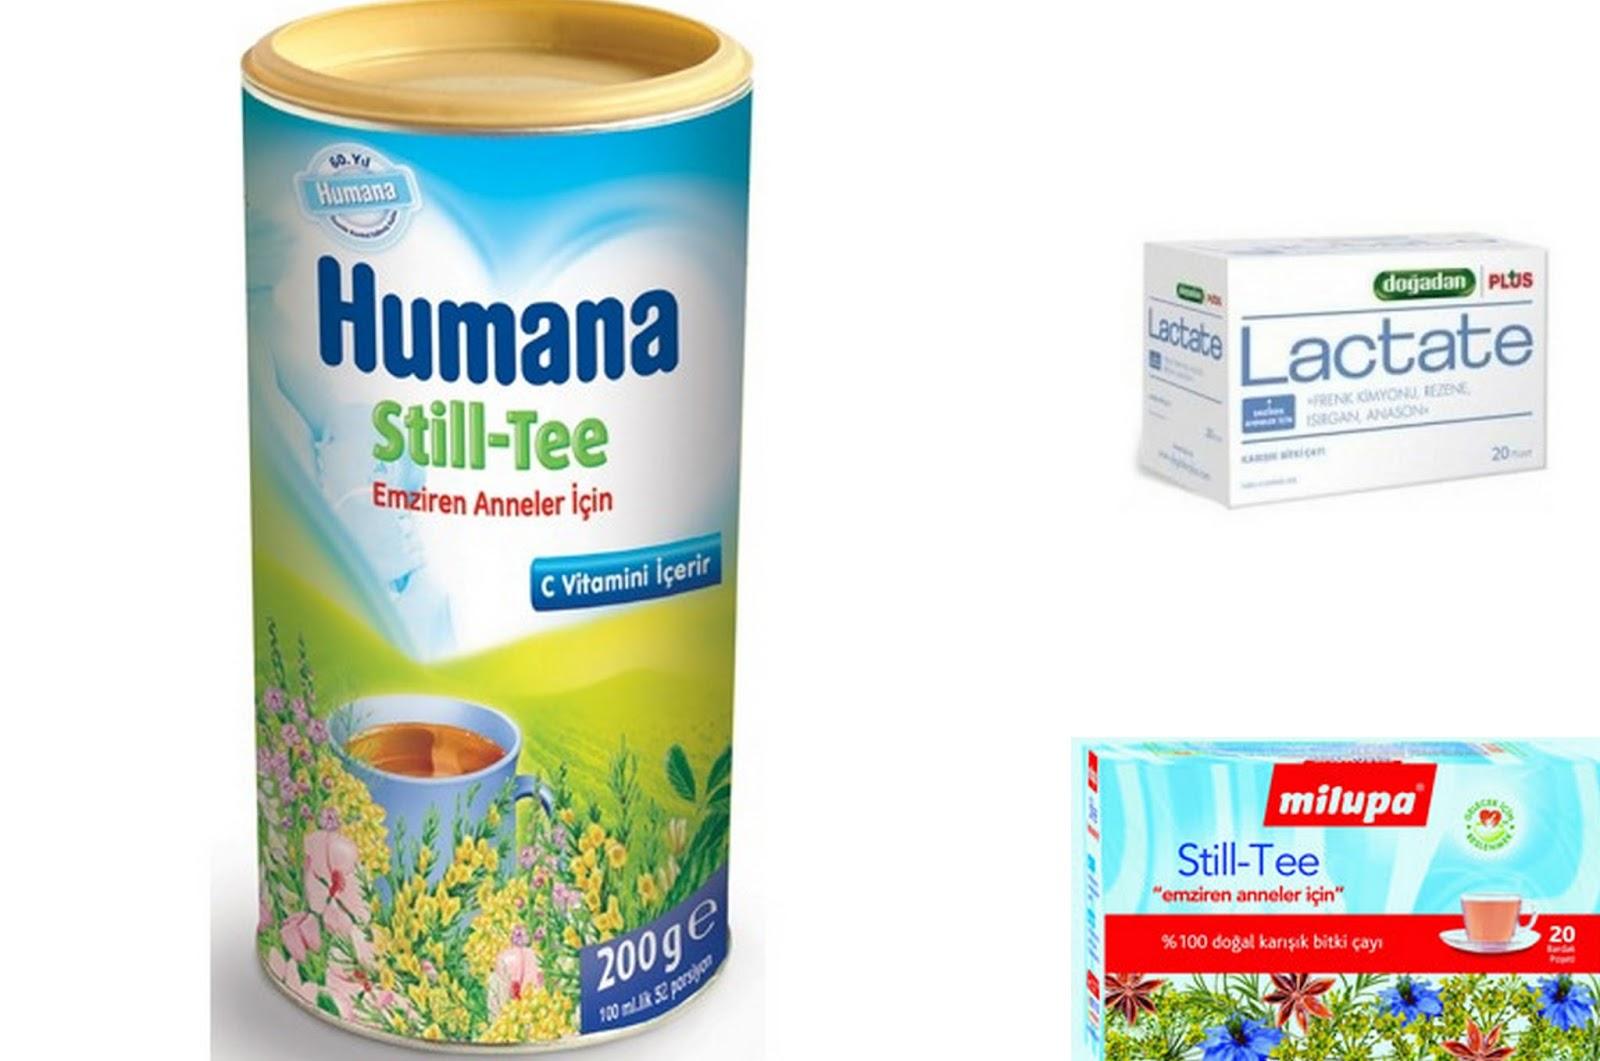 Emziren Annelerde Gaz Yapan Yiyecekler Listesi